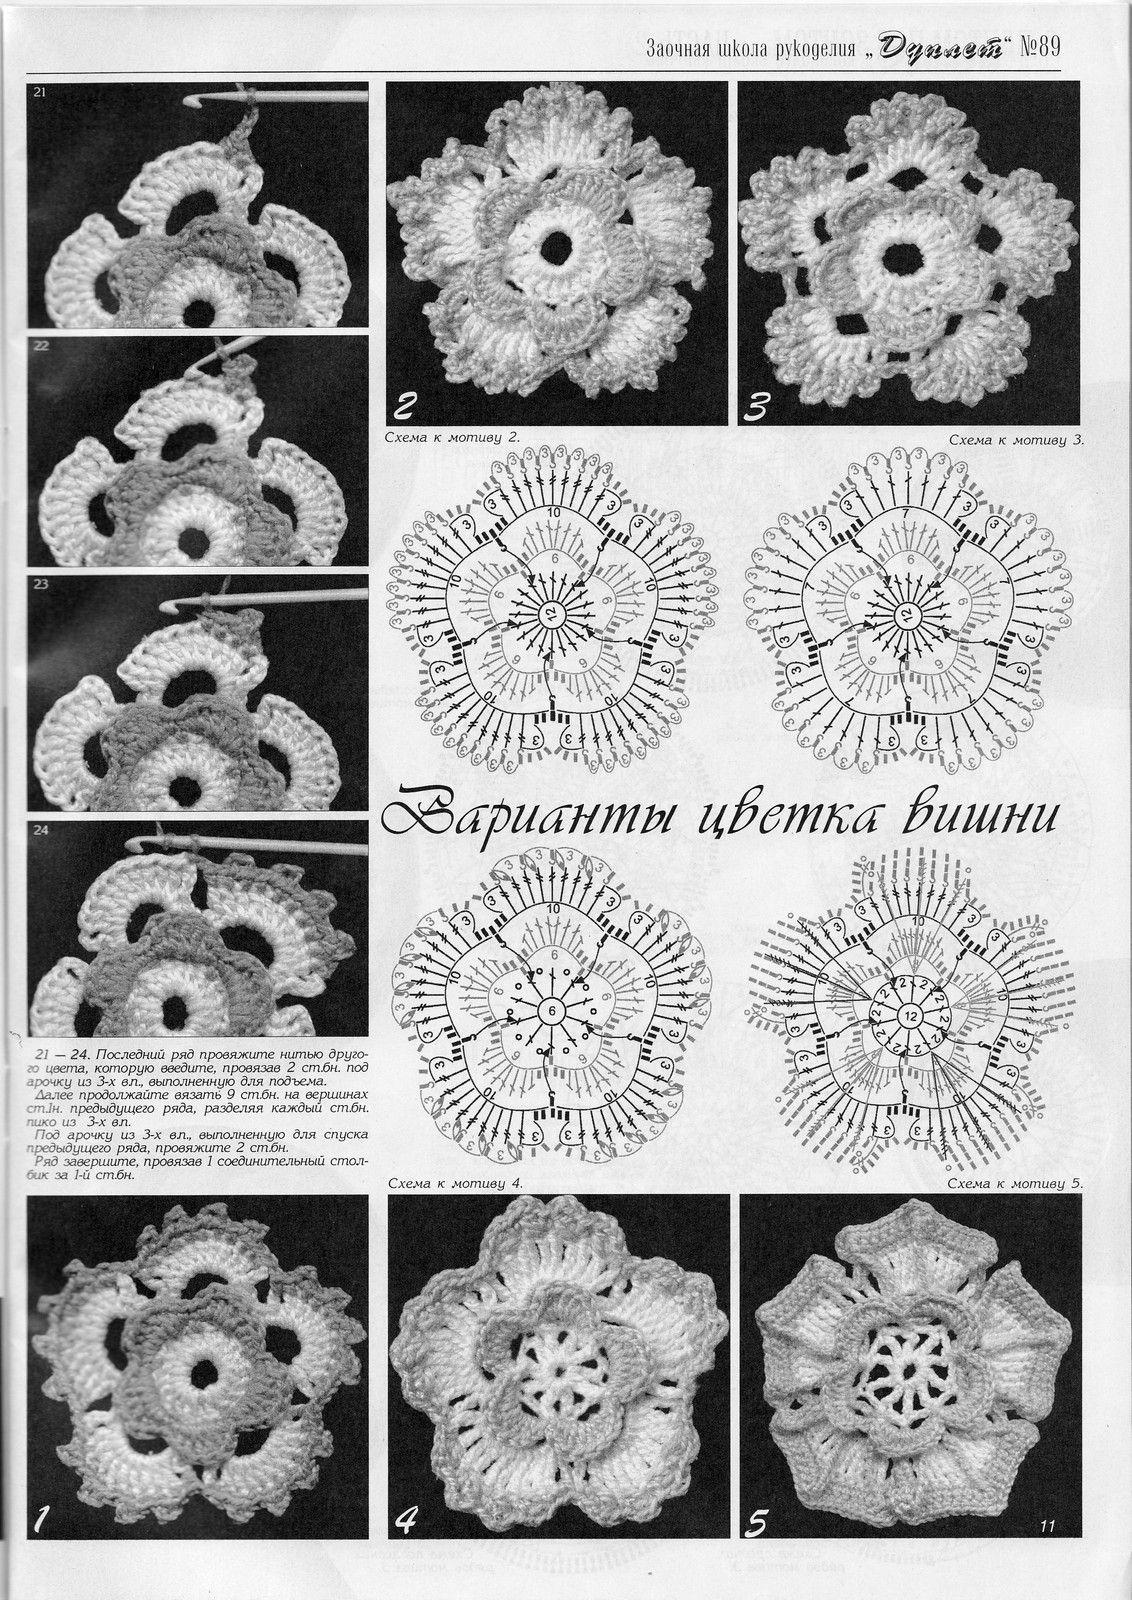 60 схем бабушкиных квадратов с мастер - классами